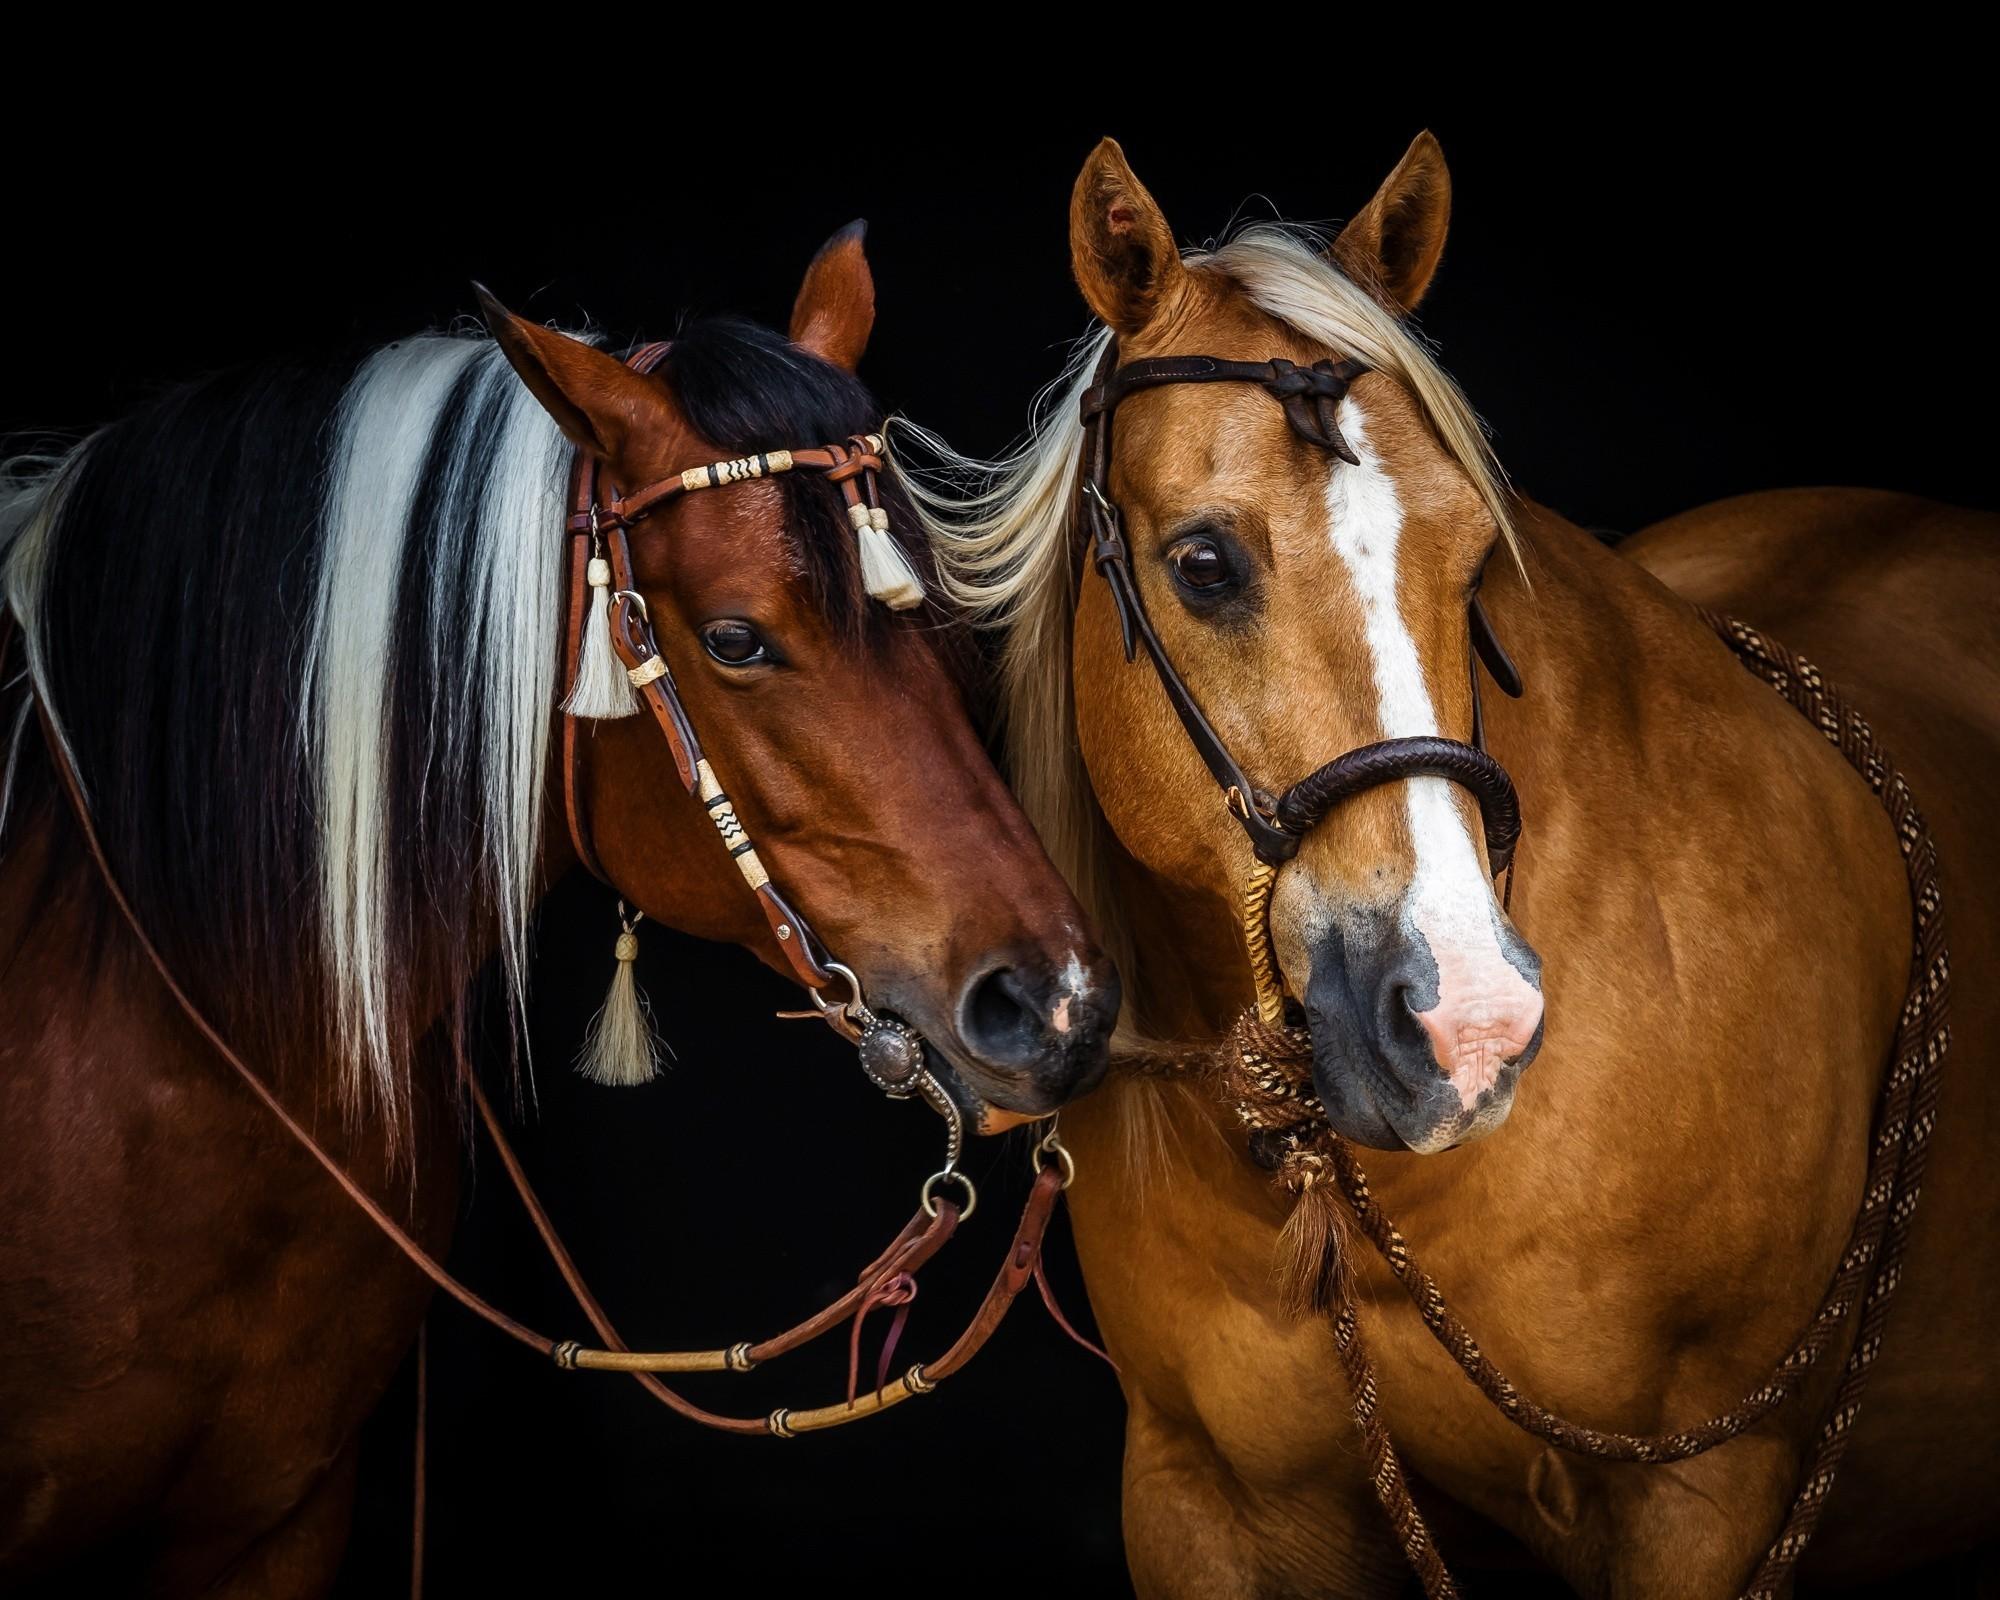 Image: Horses, two, beautiful, mane, bridle